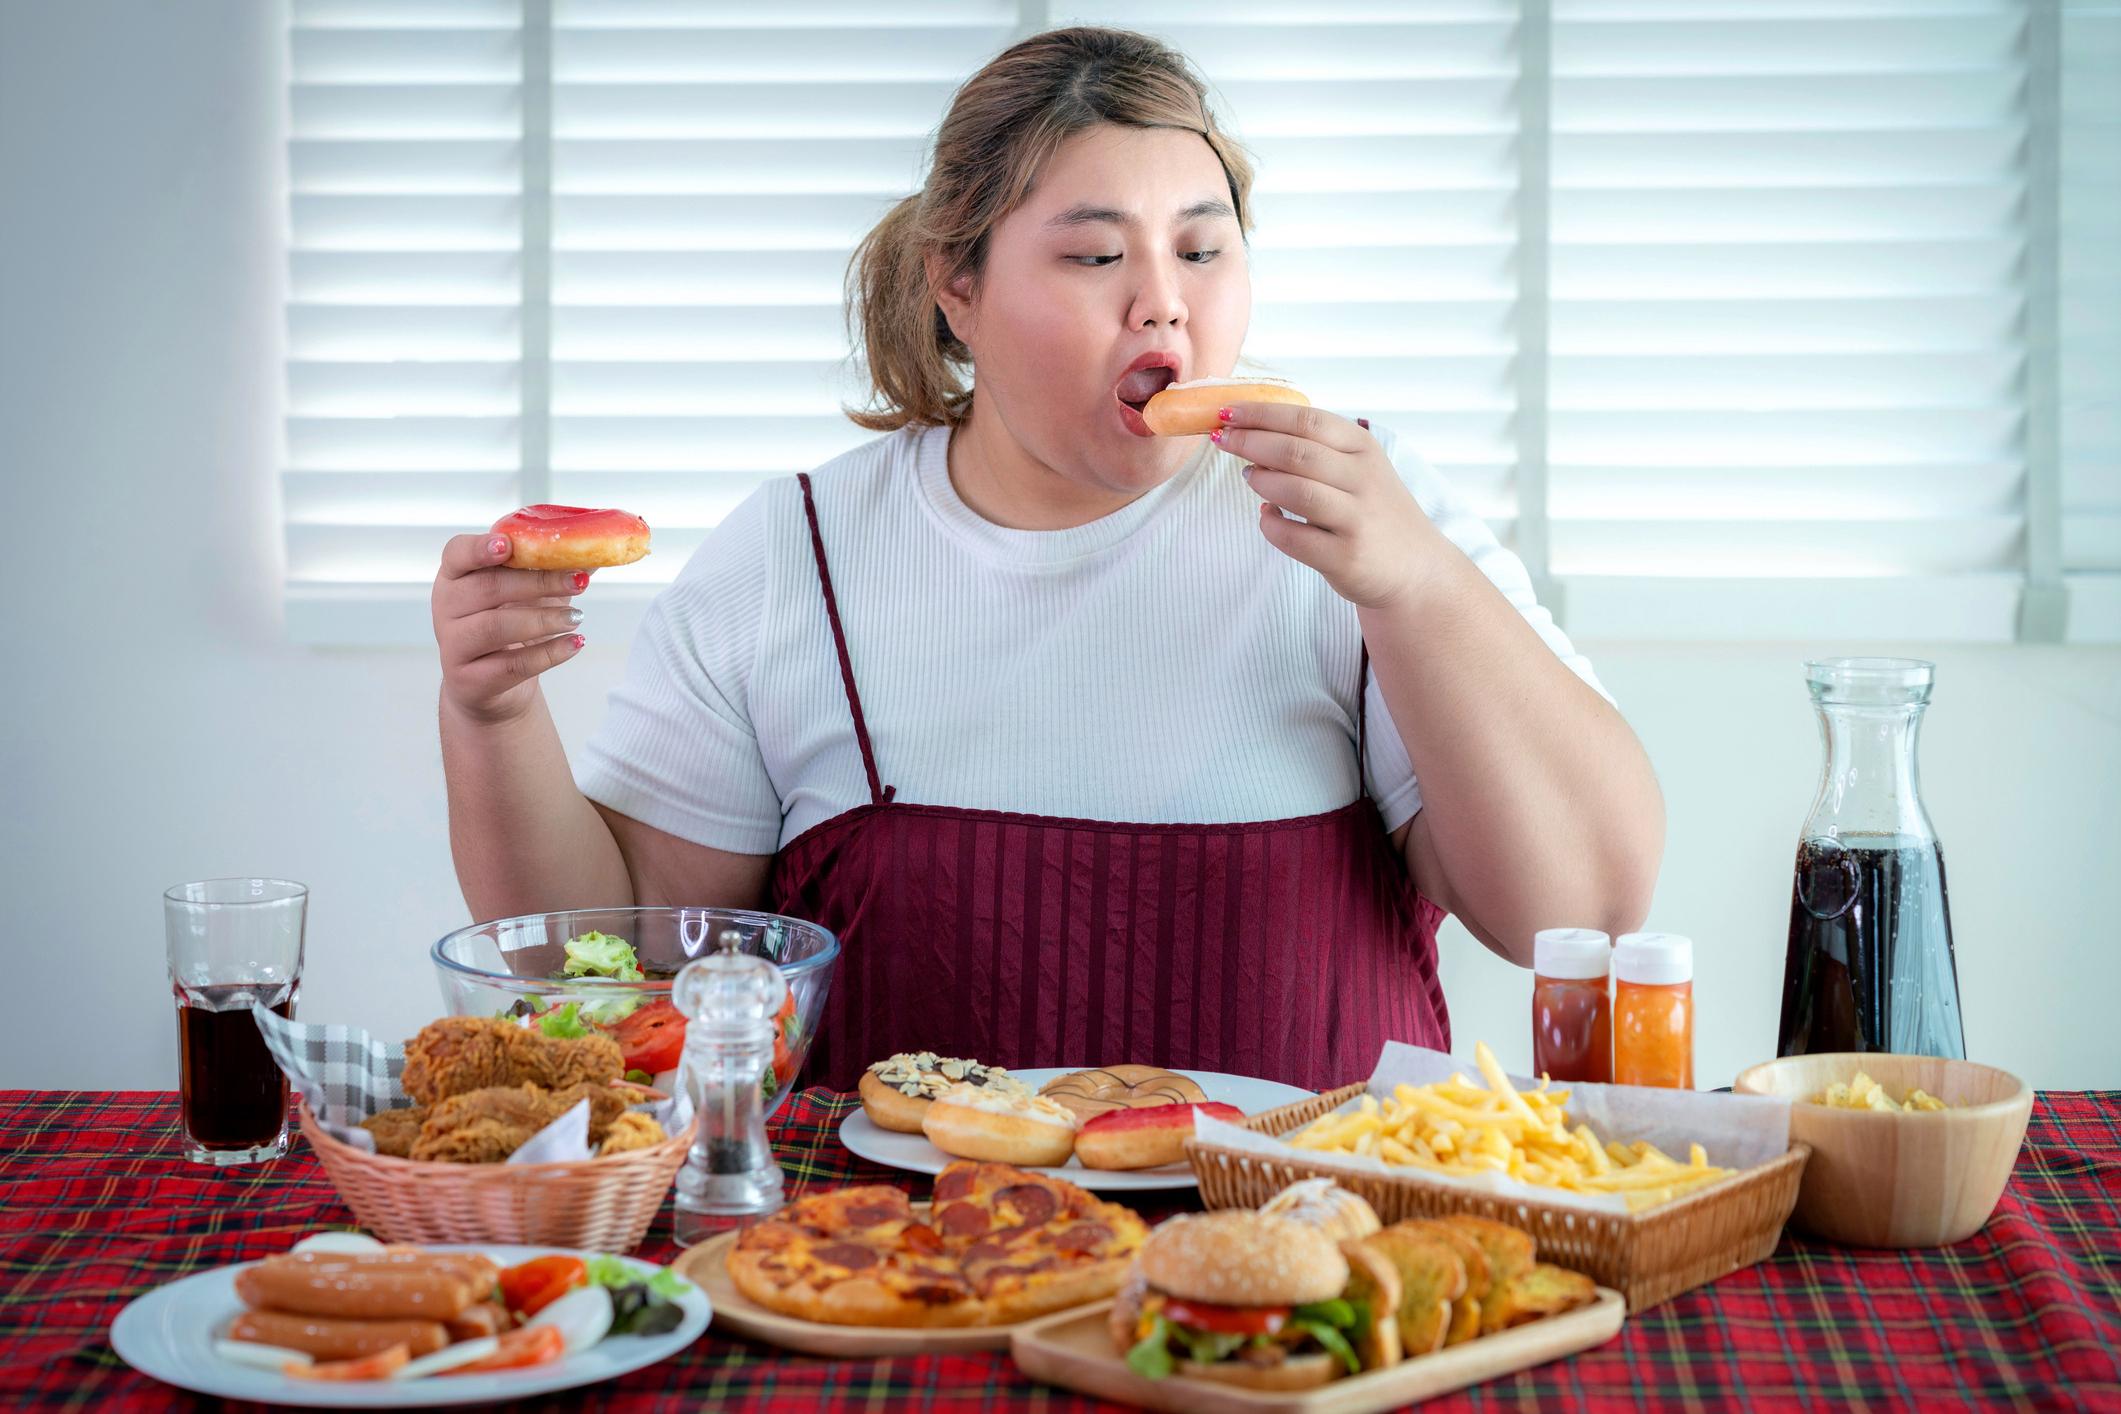 Kompulsywne objadanie się i cheat meal a insulinooporność i cukrzyca typu 2